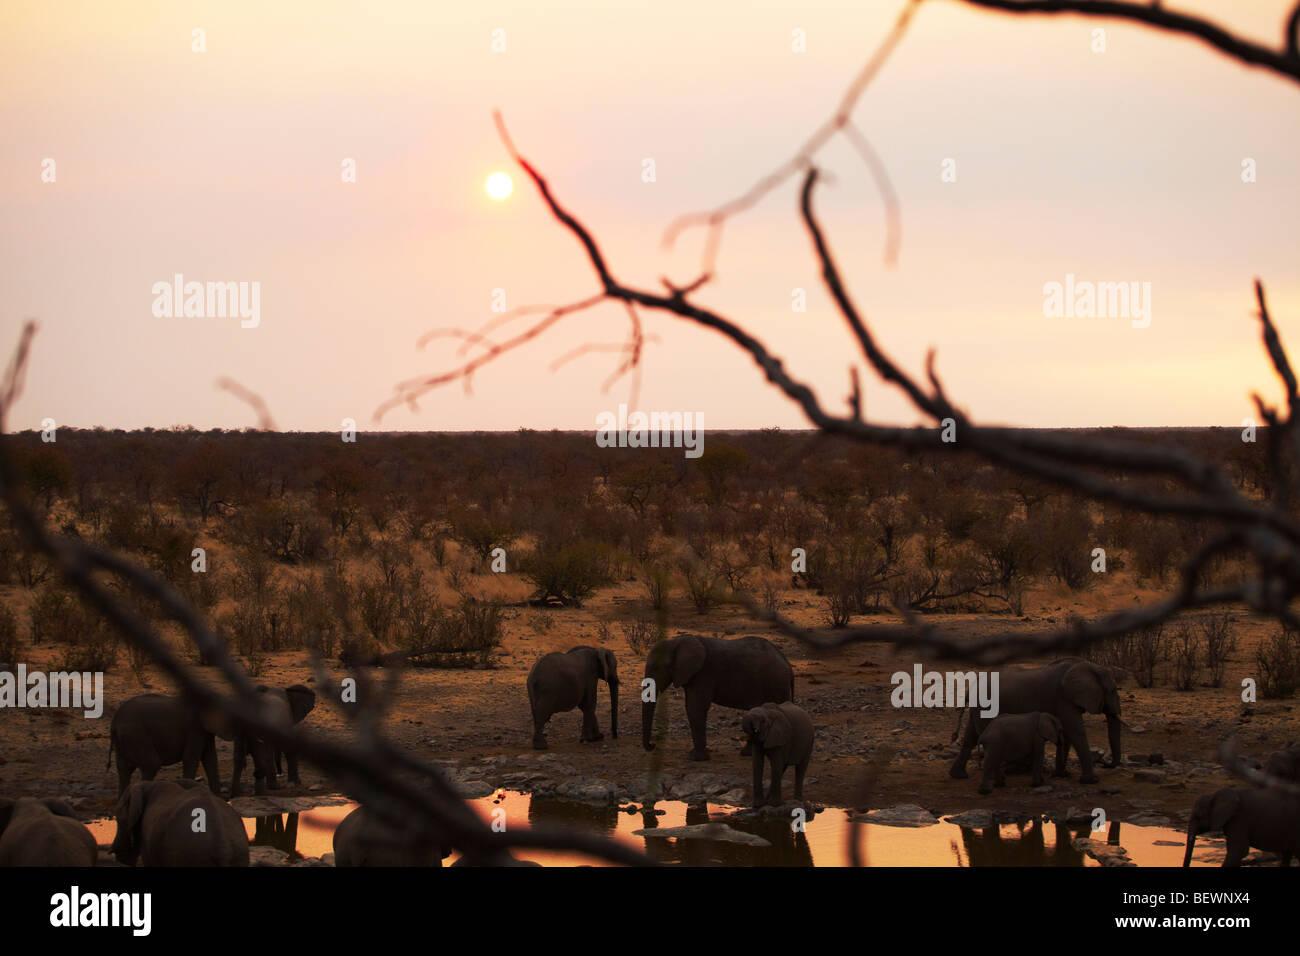 Elephants at waterhole, Etosha National Park - Stock Image